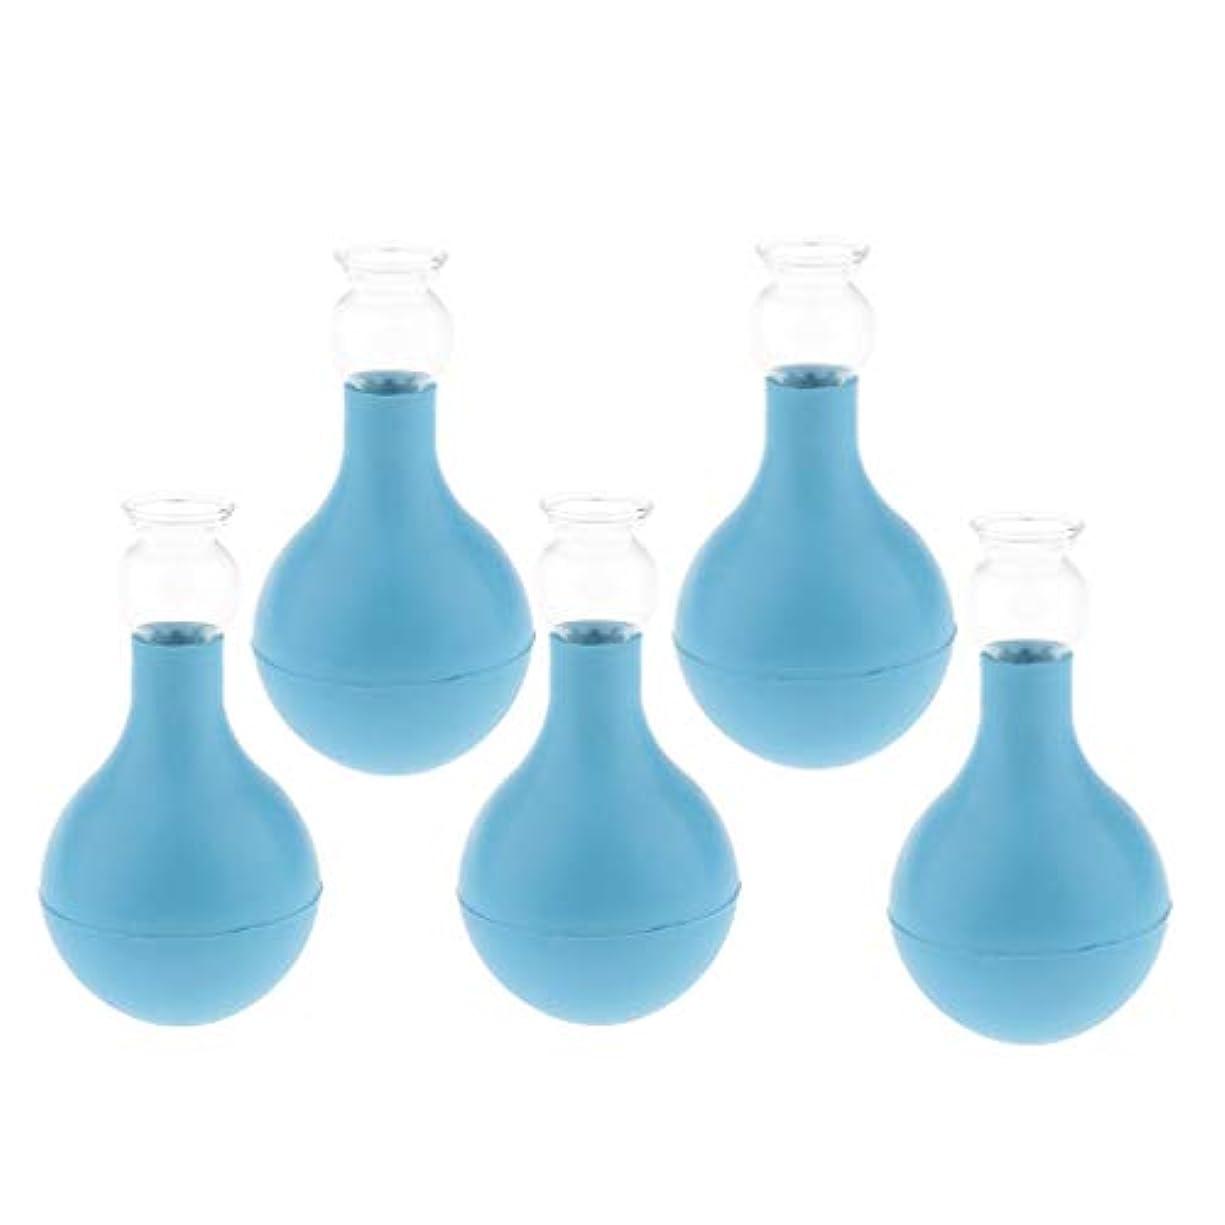 砂利まつげお客様D DOLITY マッサージ 吸い玉 カッピング 5個 シリコン ガラス 顔 首 背中 胸 脚 全身用 2サイズ選ぶ - ブルー+ブルー3cm, 3cm